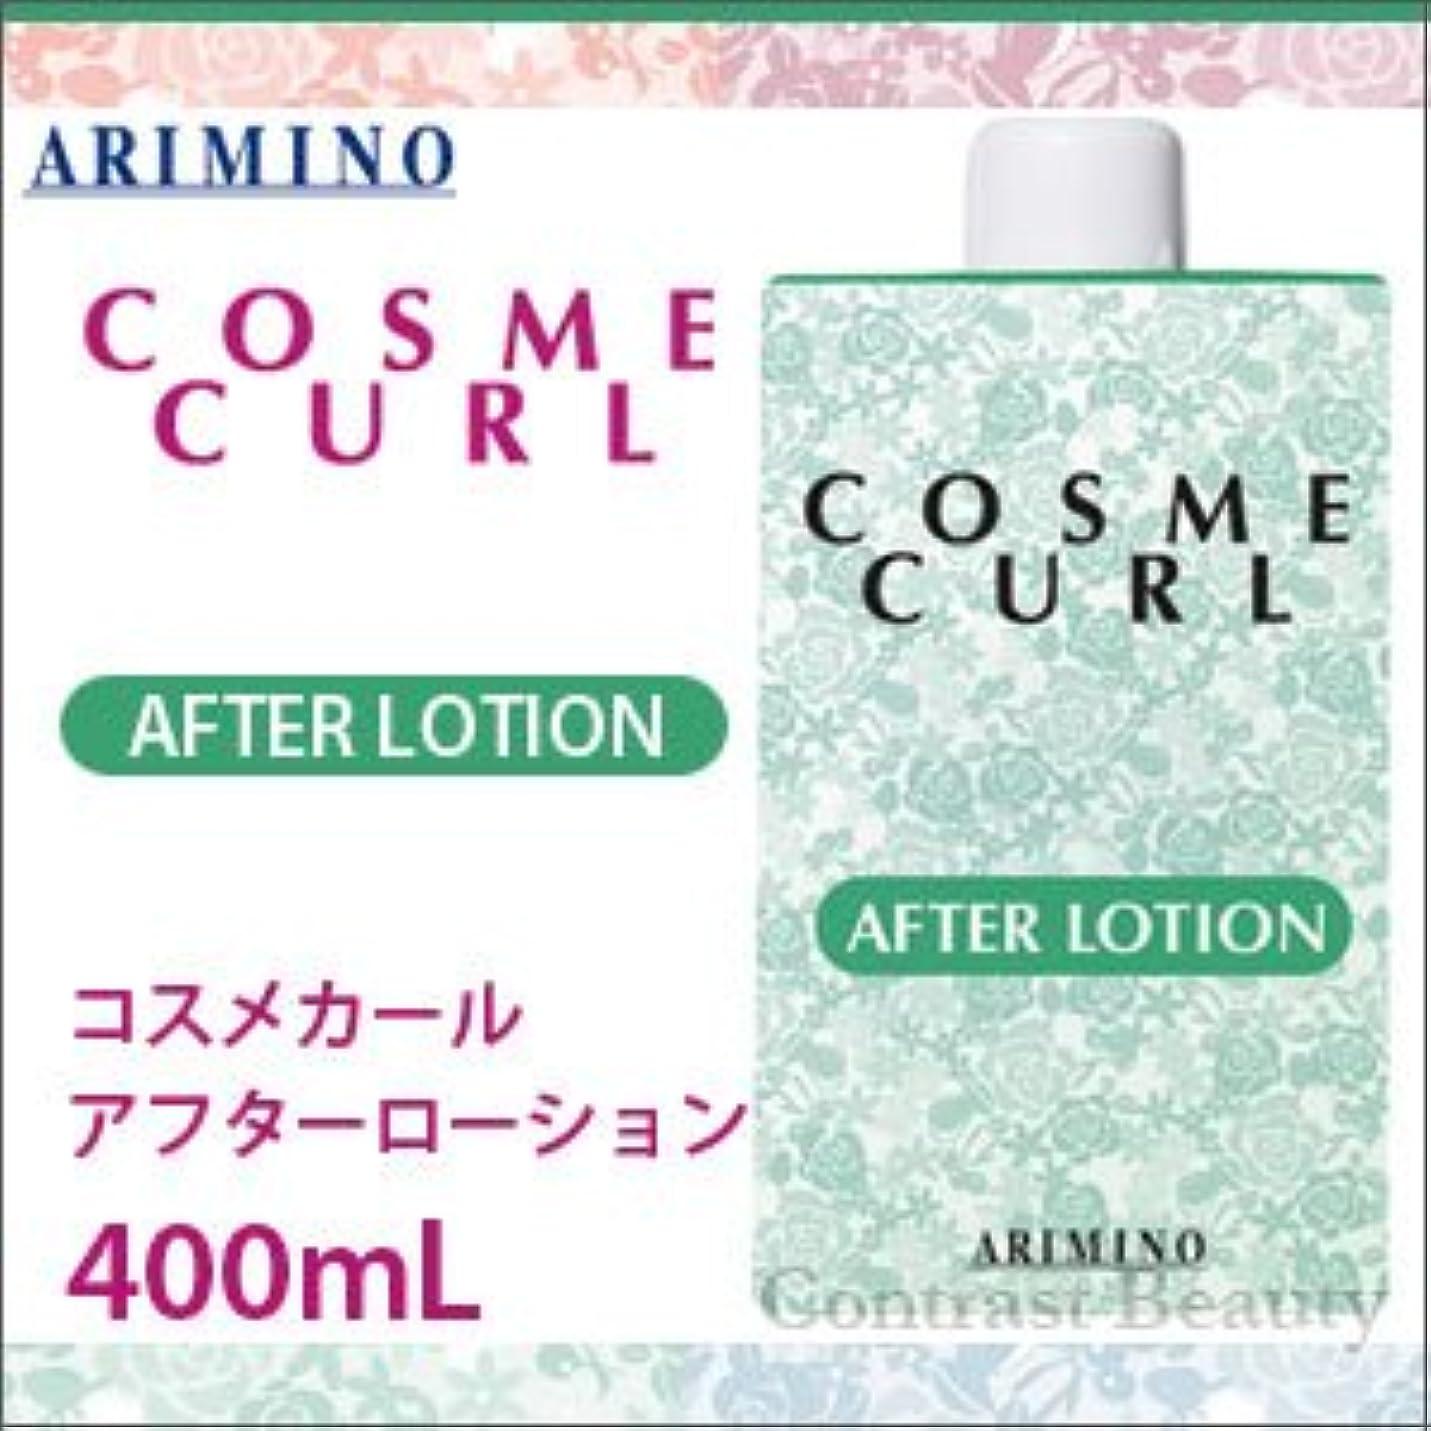 【x4個セット】 アリミノ コスメカール アフターローション 400ml